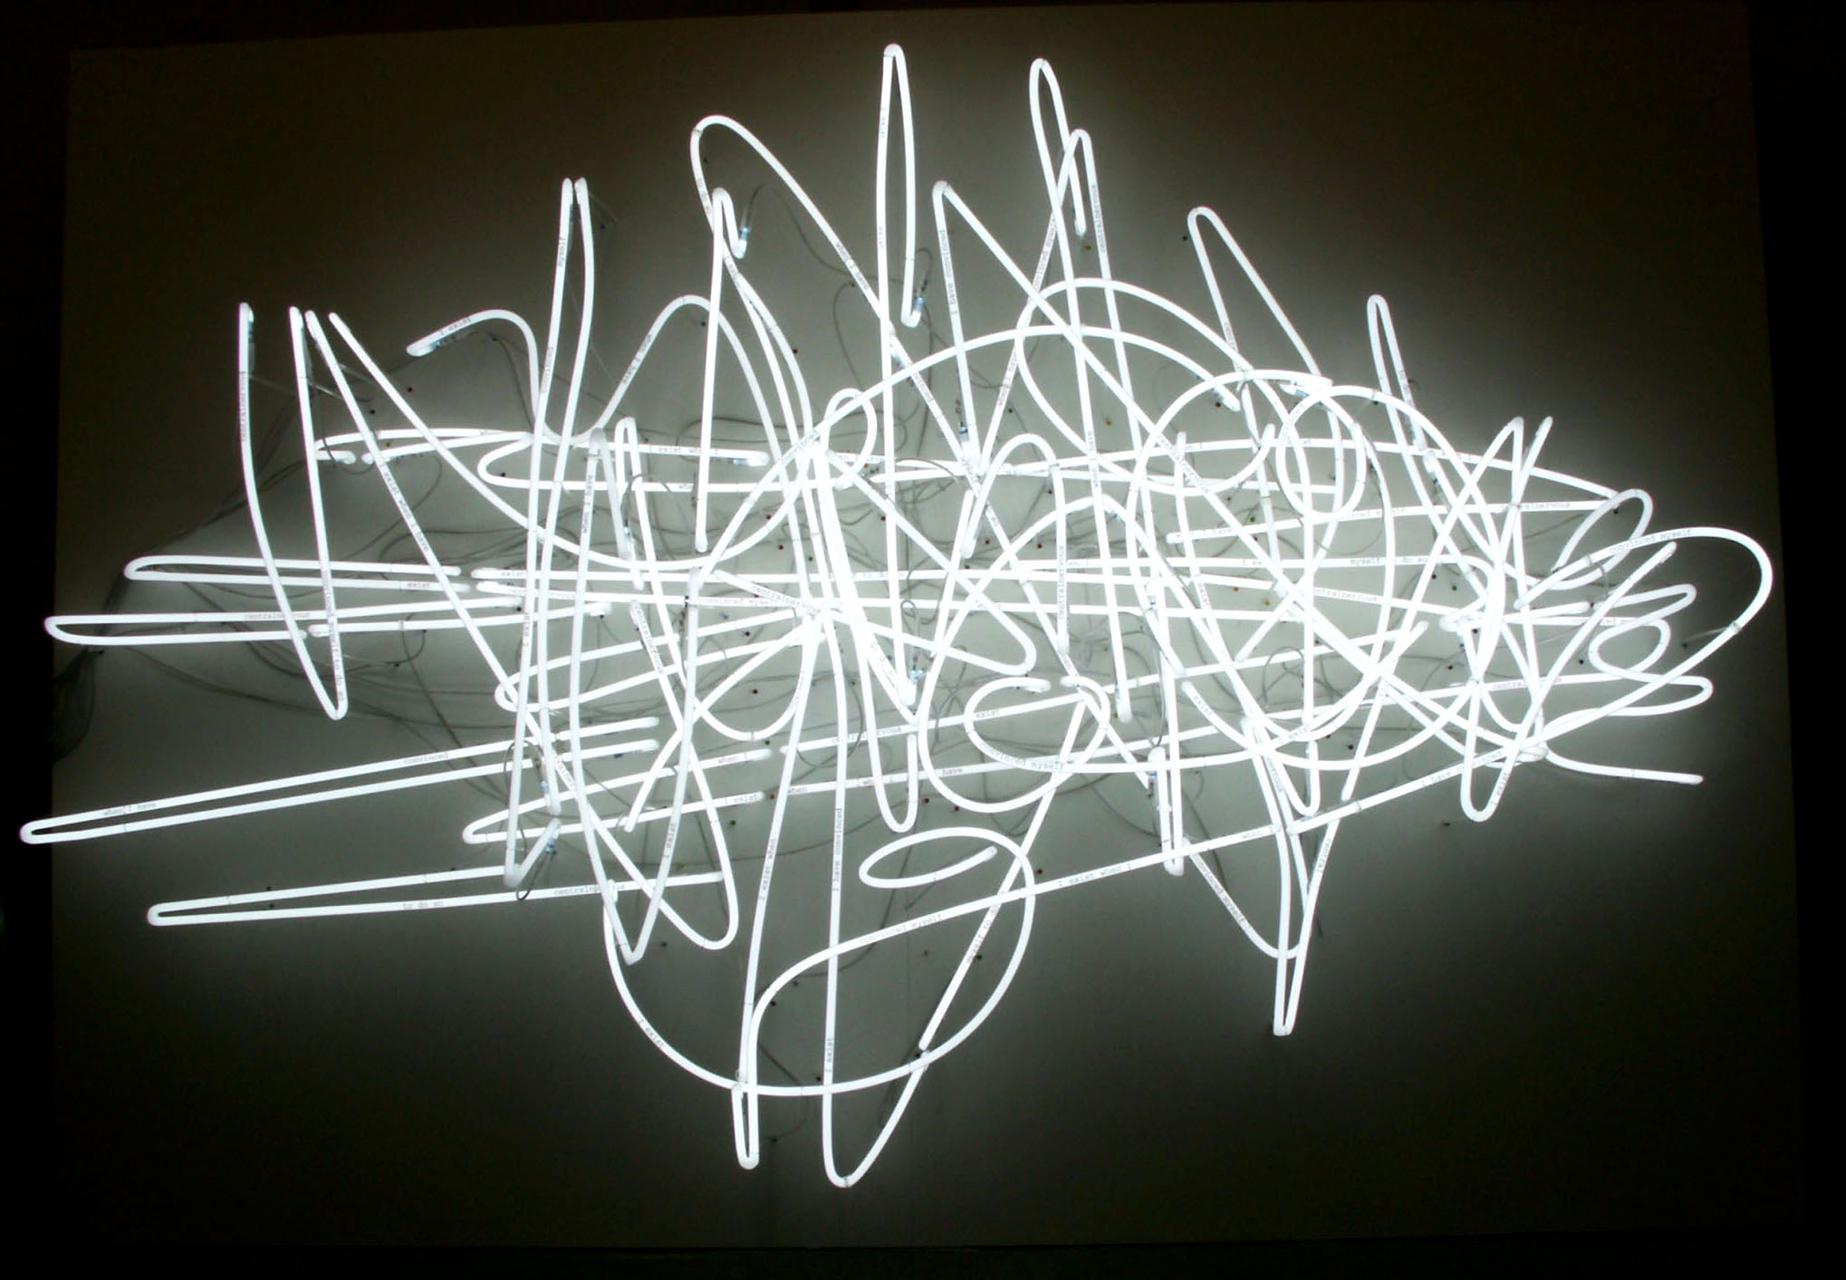 Astrid Klein, Ohne Titel (centralnervous), 1999/2007, Neon/Glasröhren, weiß, 220 x 330 x 55 cm